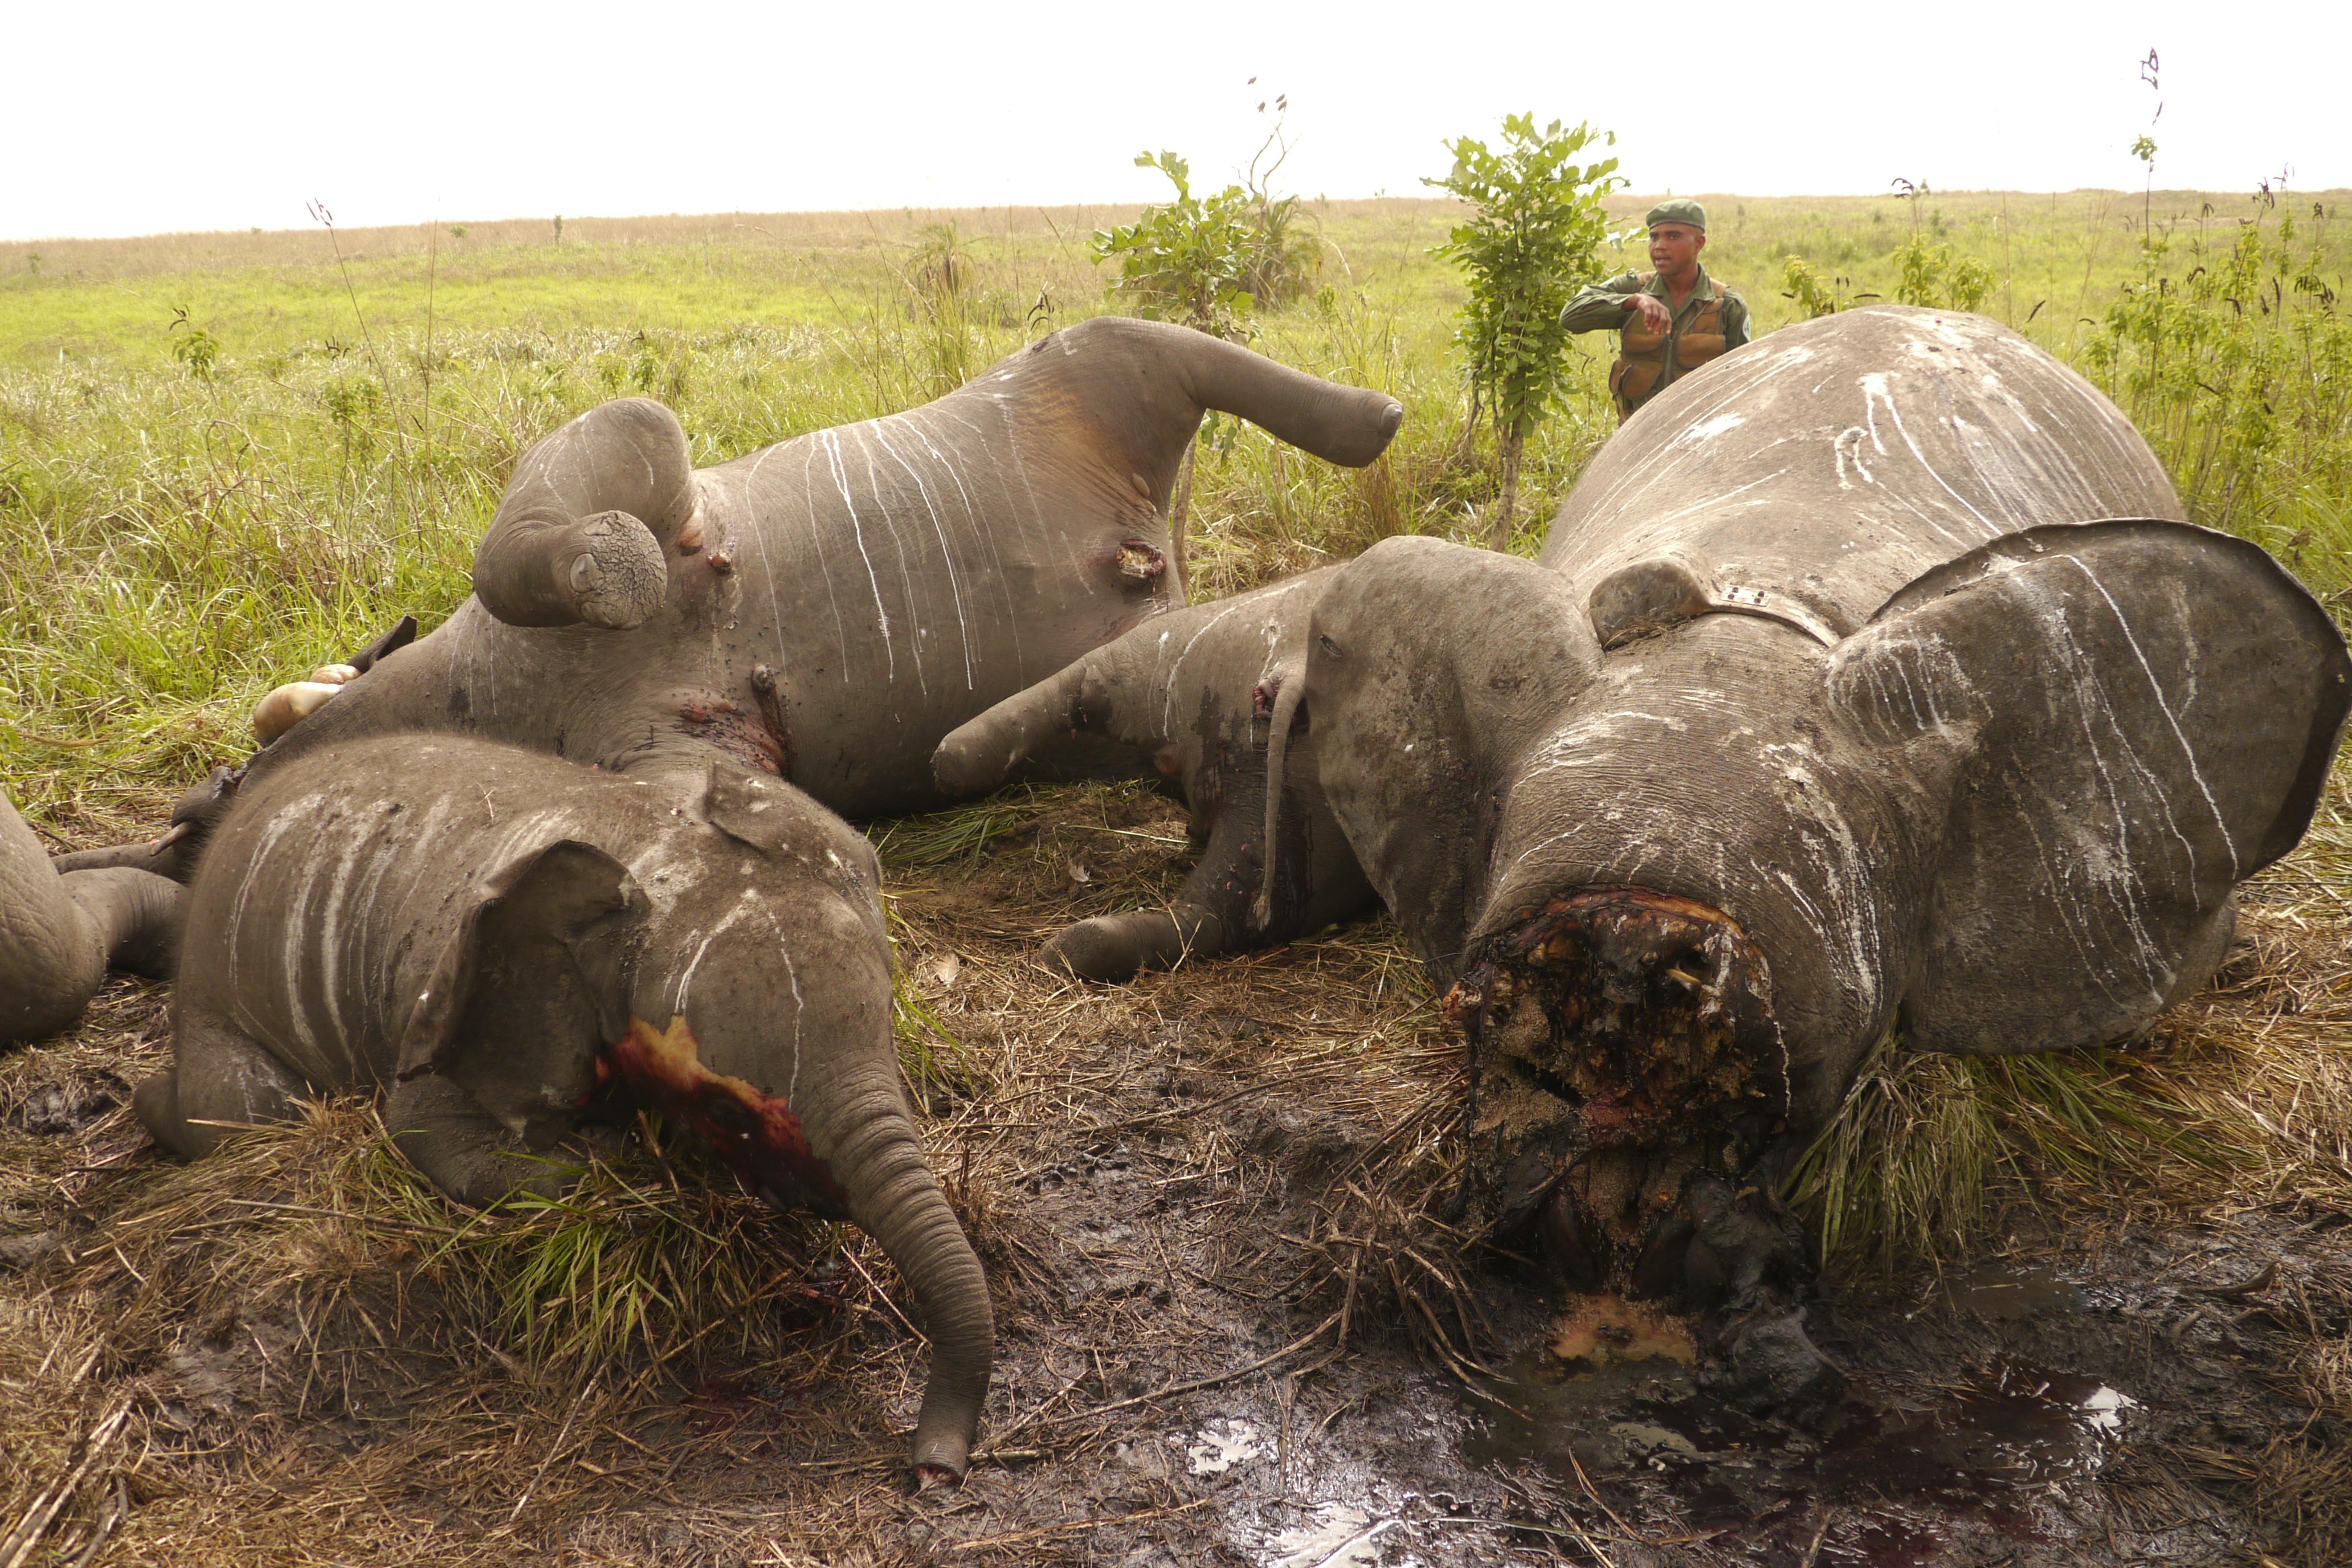 Niños y elefantes, sin derecho a la vida ni a la libertad | Laboratorio  para Sapiens